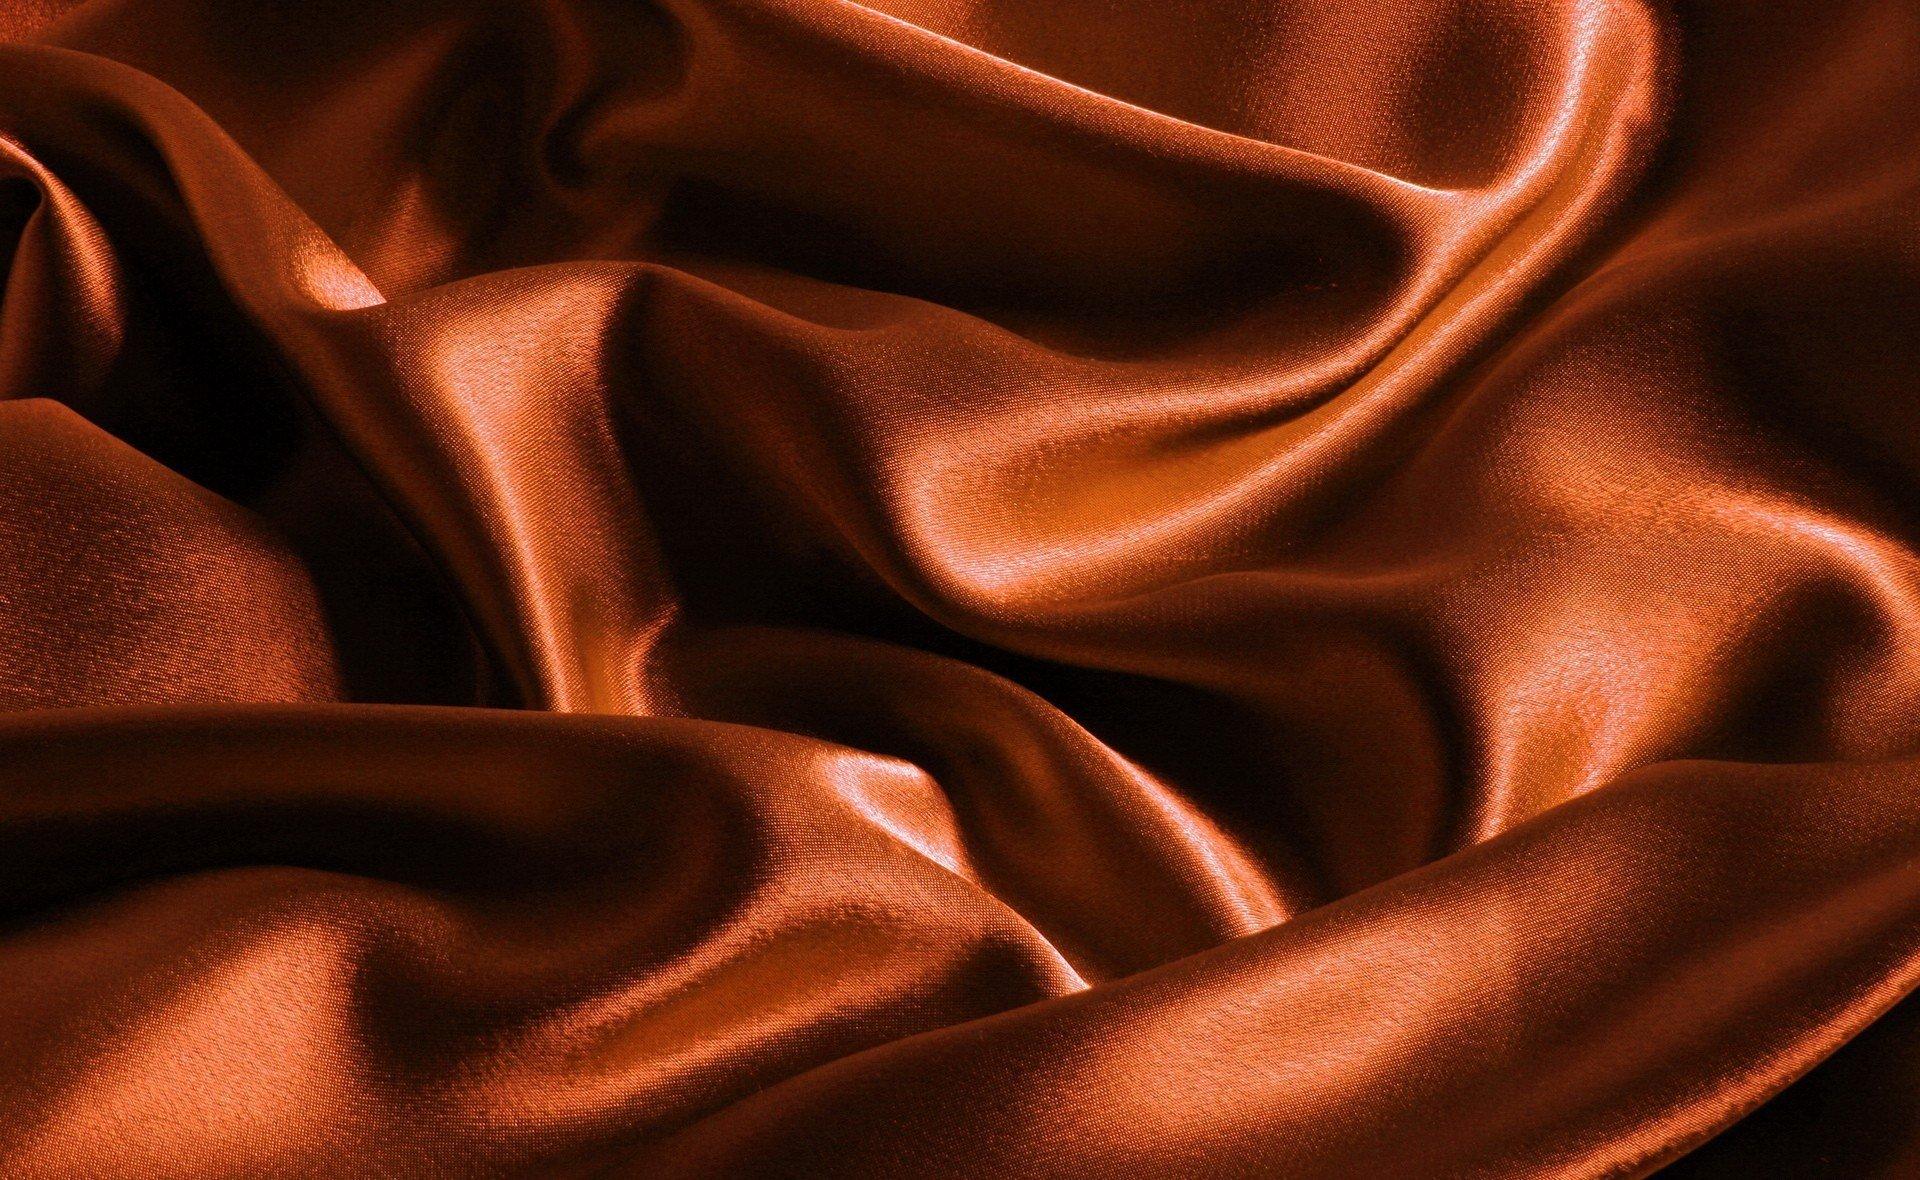 Silk Texture Desktop Wallpaper 1920x1180 px HDWallSource